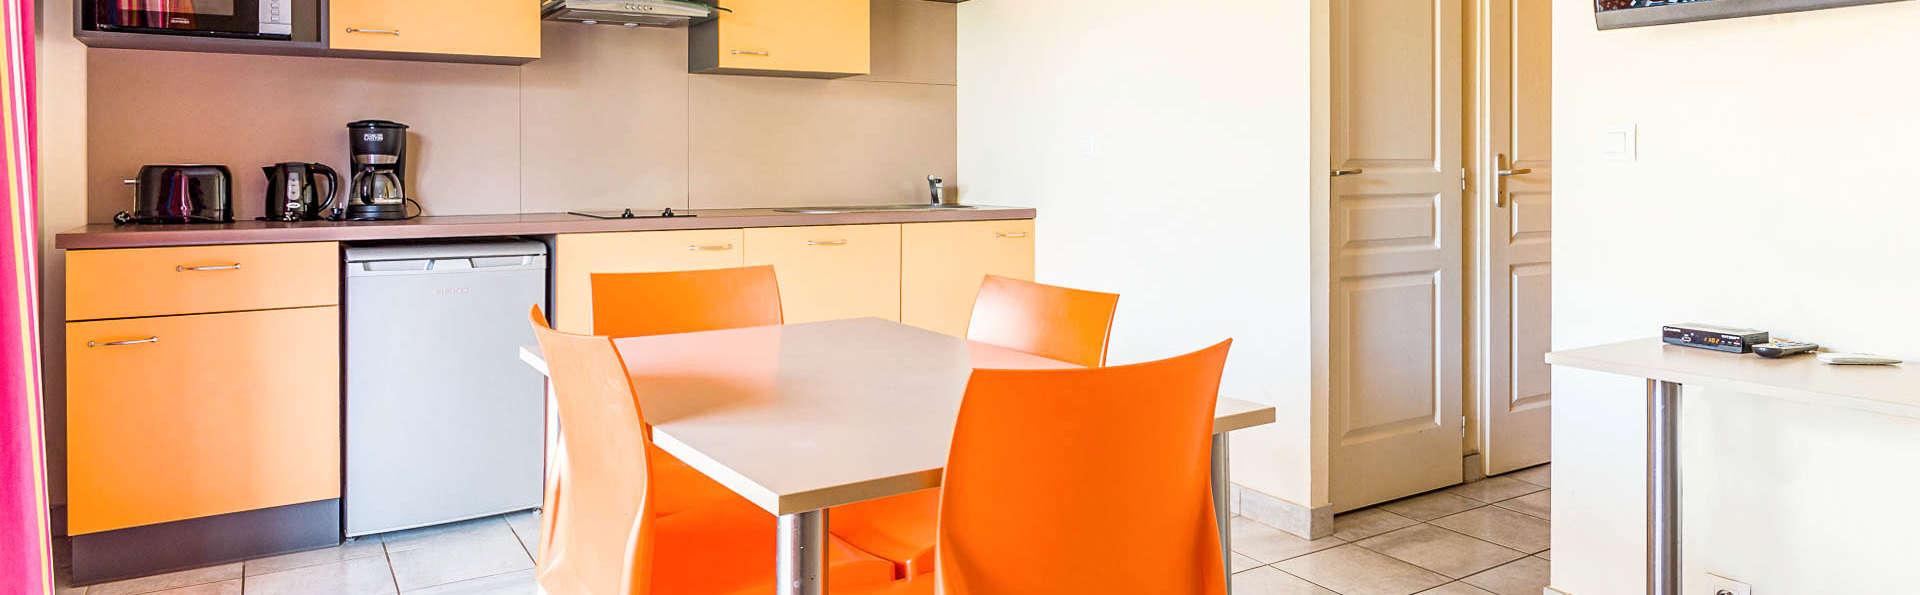 Vacancéole Le Relais du Plessis - EDIT_residence-le-relais-du-plessis-richelieu-appartement-sejour_01.jpg